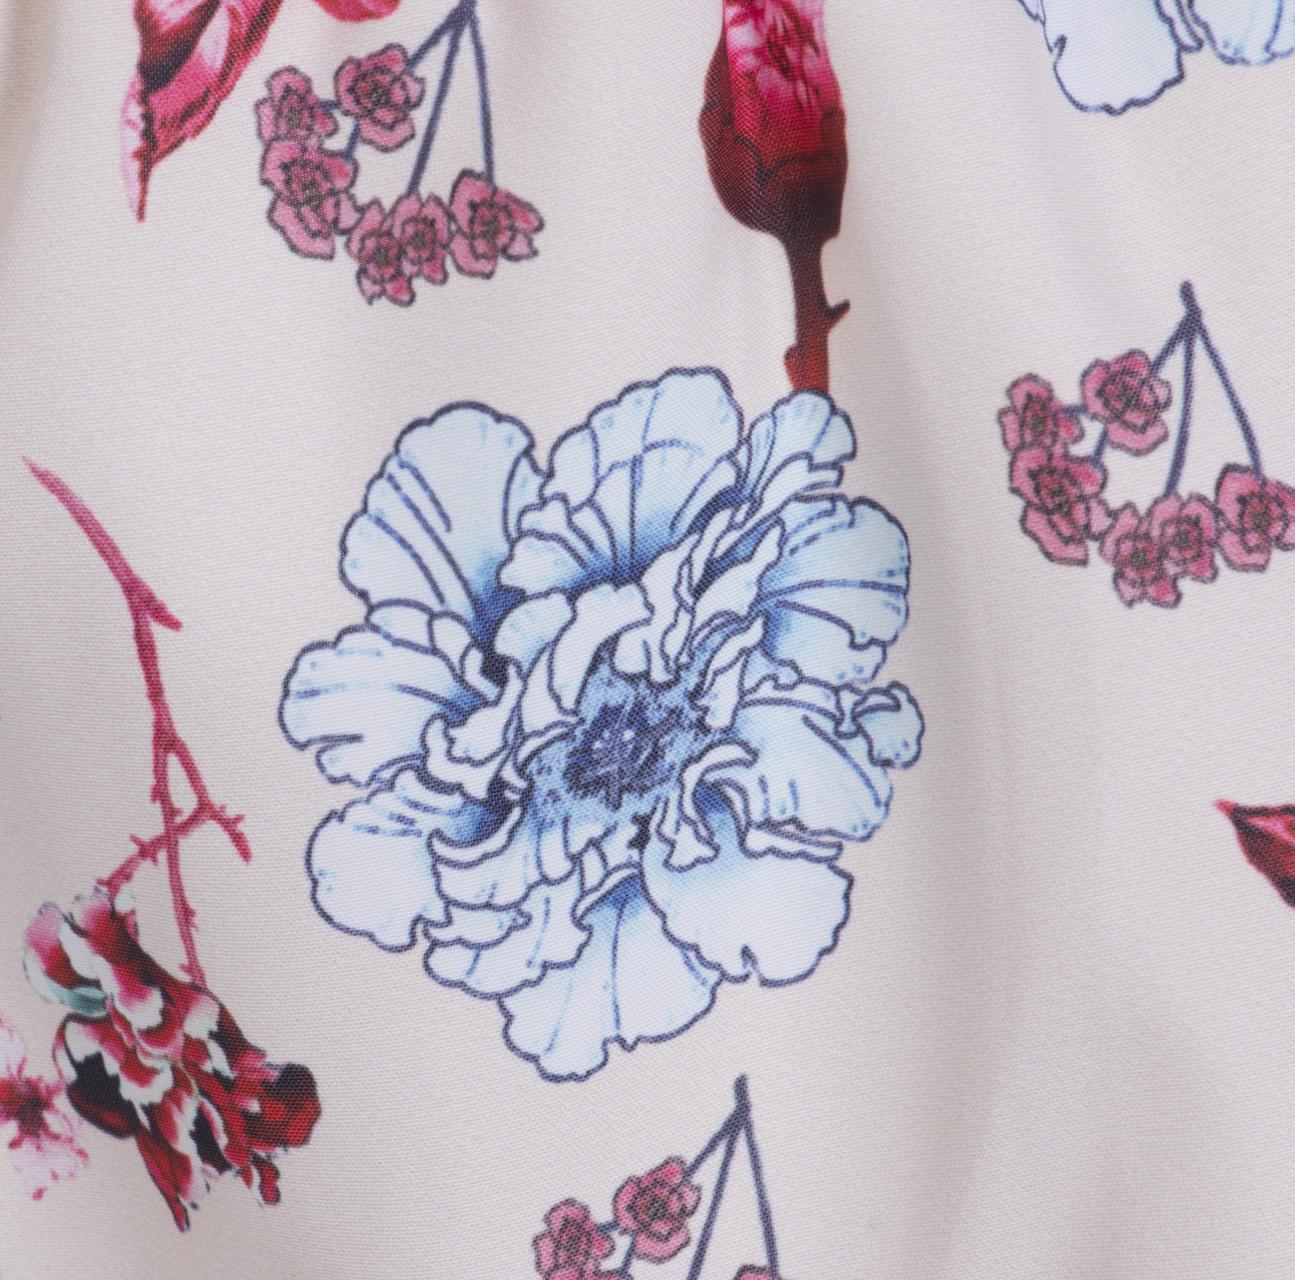 HTB1 YyDSpXXXXbIXpXXq6xXFXXXd - Women Floral Mini Skirt JKP090